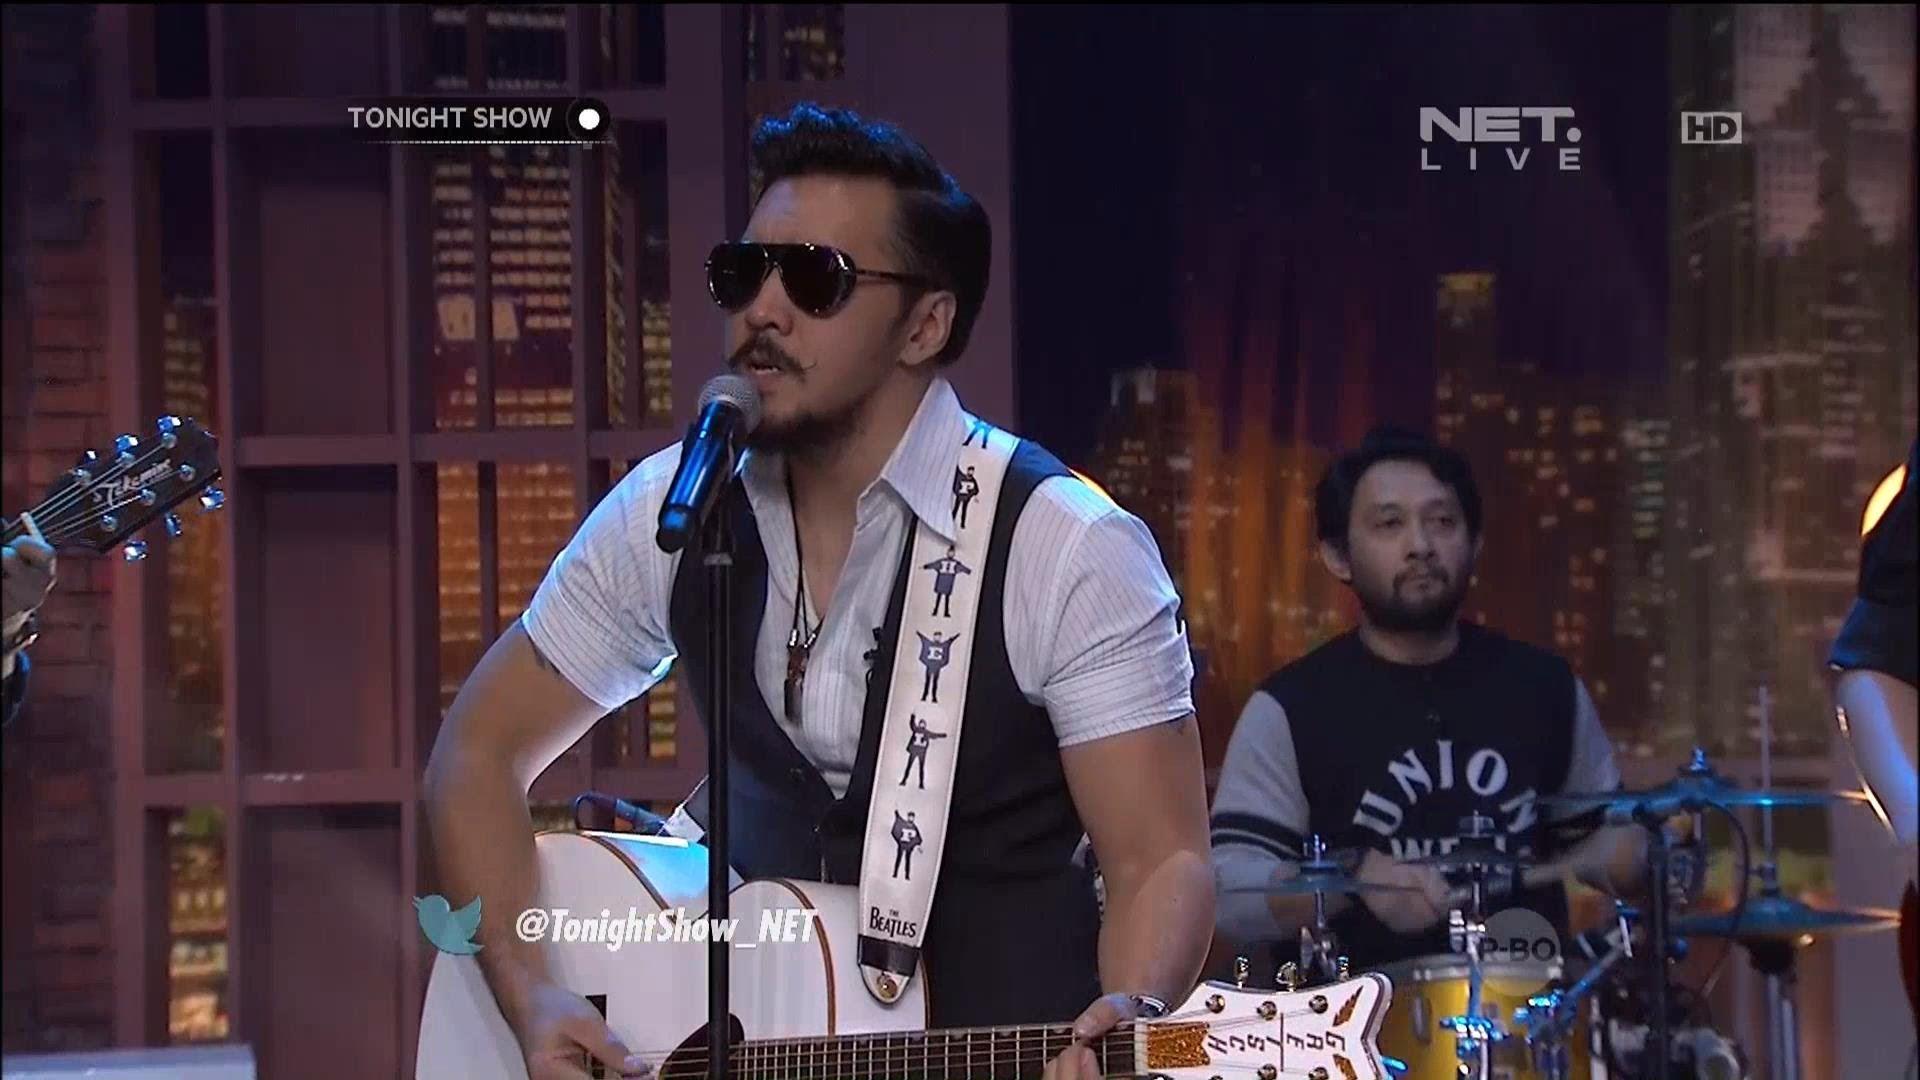 Naif Band Menyanyikan Request Lagu Dari Followers Tonight Show Tonight Show Tonight Tonight Show Net